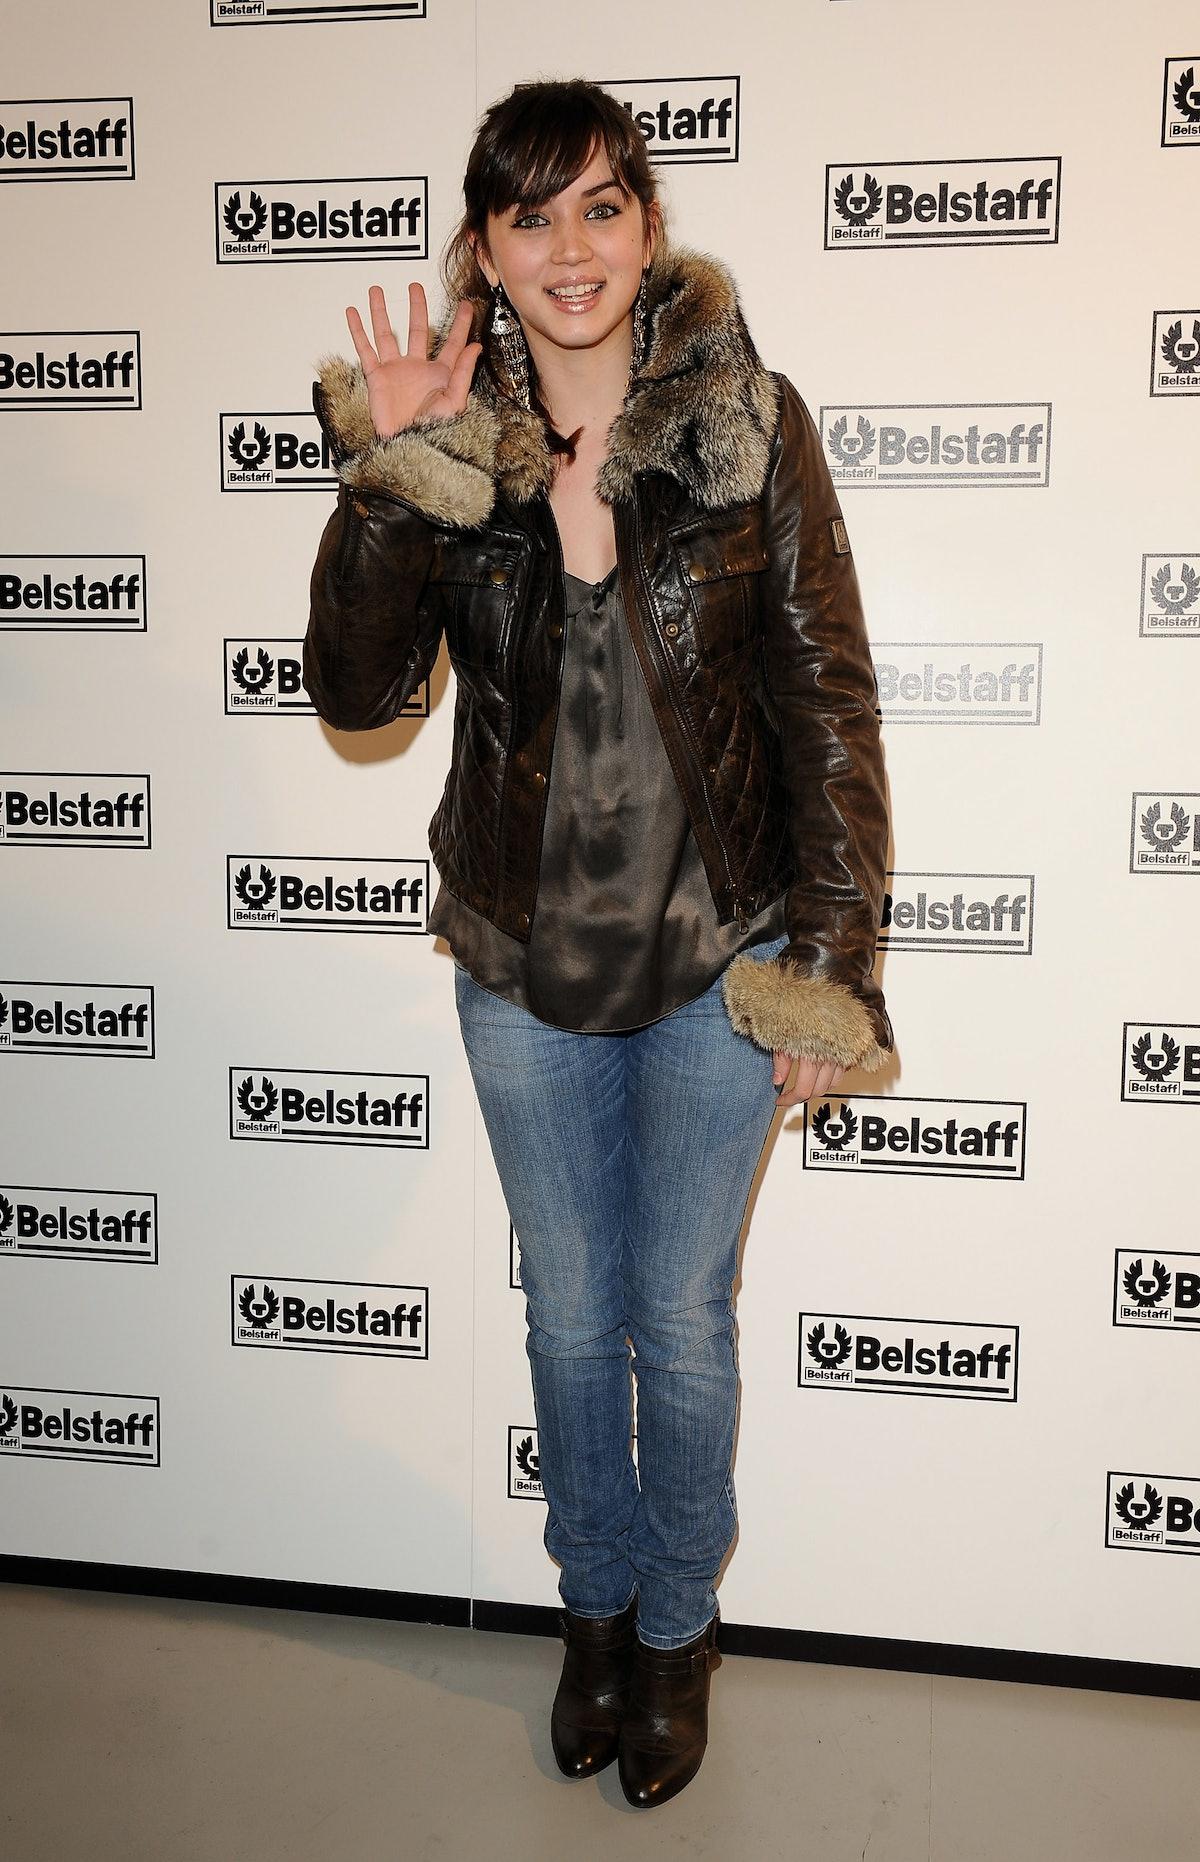 آنا د آرماس در افتتاحیه فروشگاه بلستاف در 15 دسامبر 2008 در مادرید ، اسپانیا شرکت می کند.